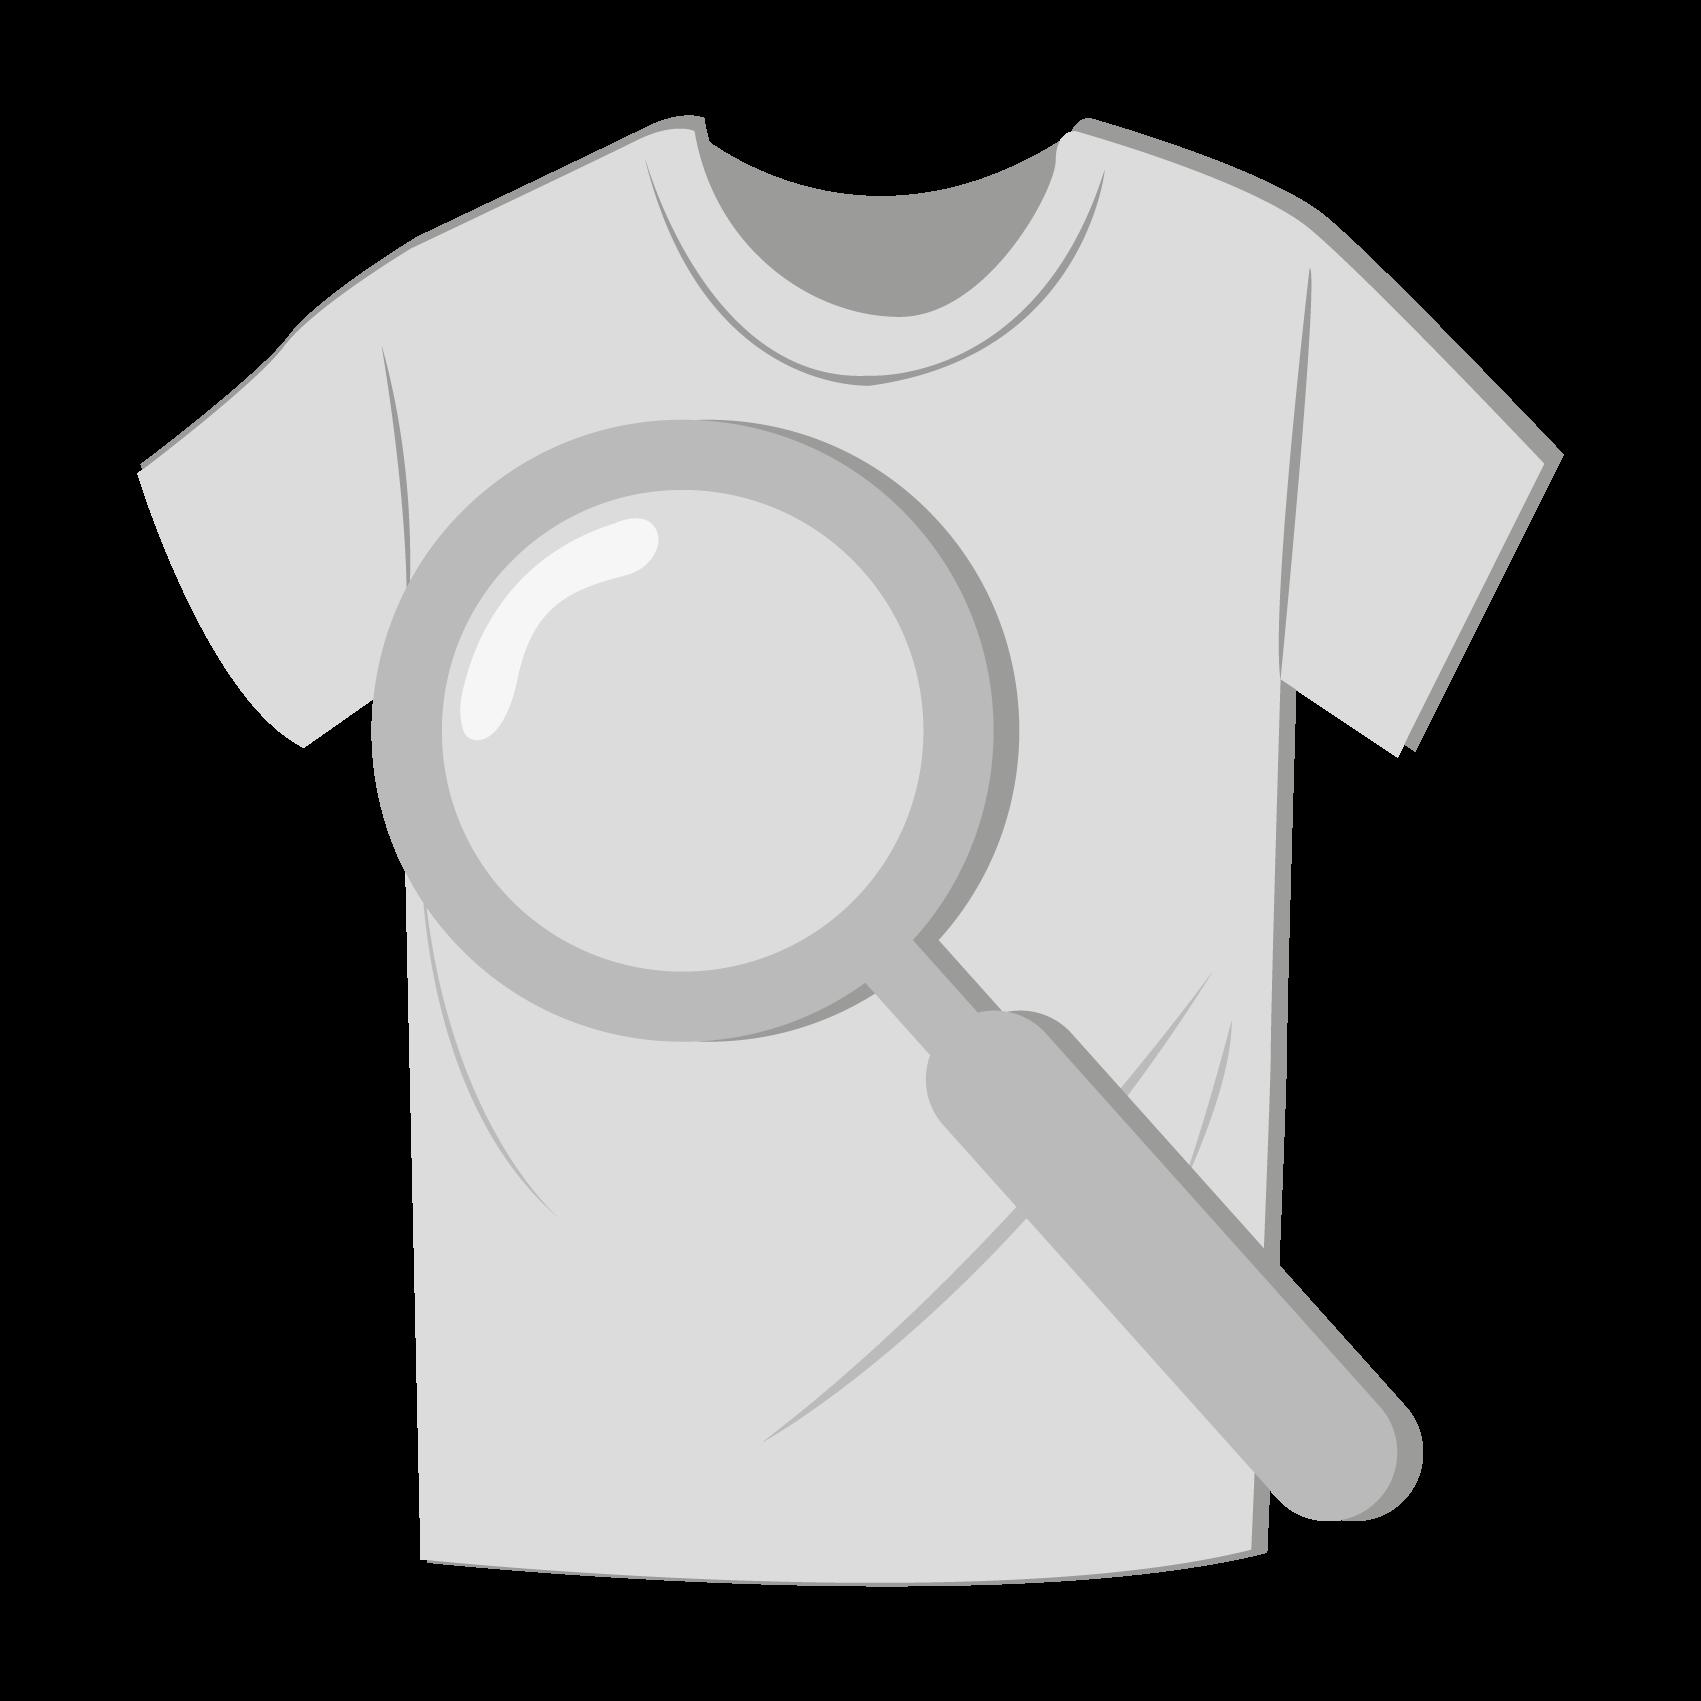 Signaal Bedrijfskleding - Kleding bekijken